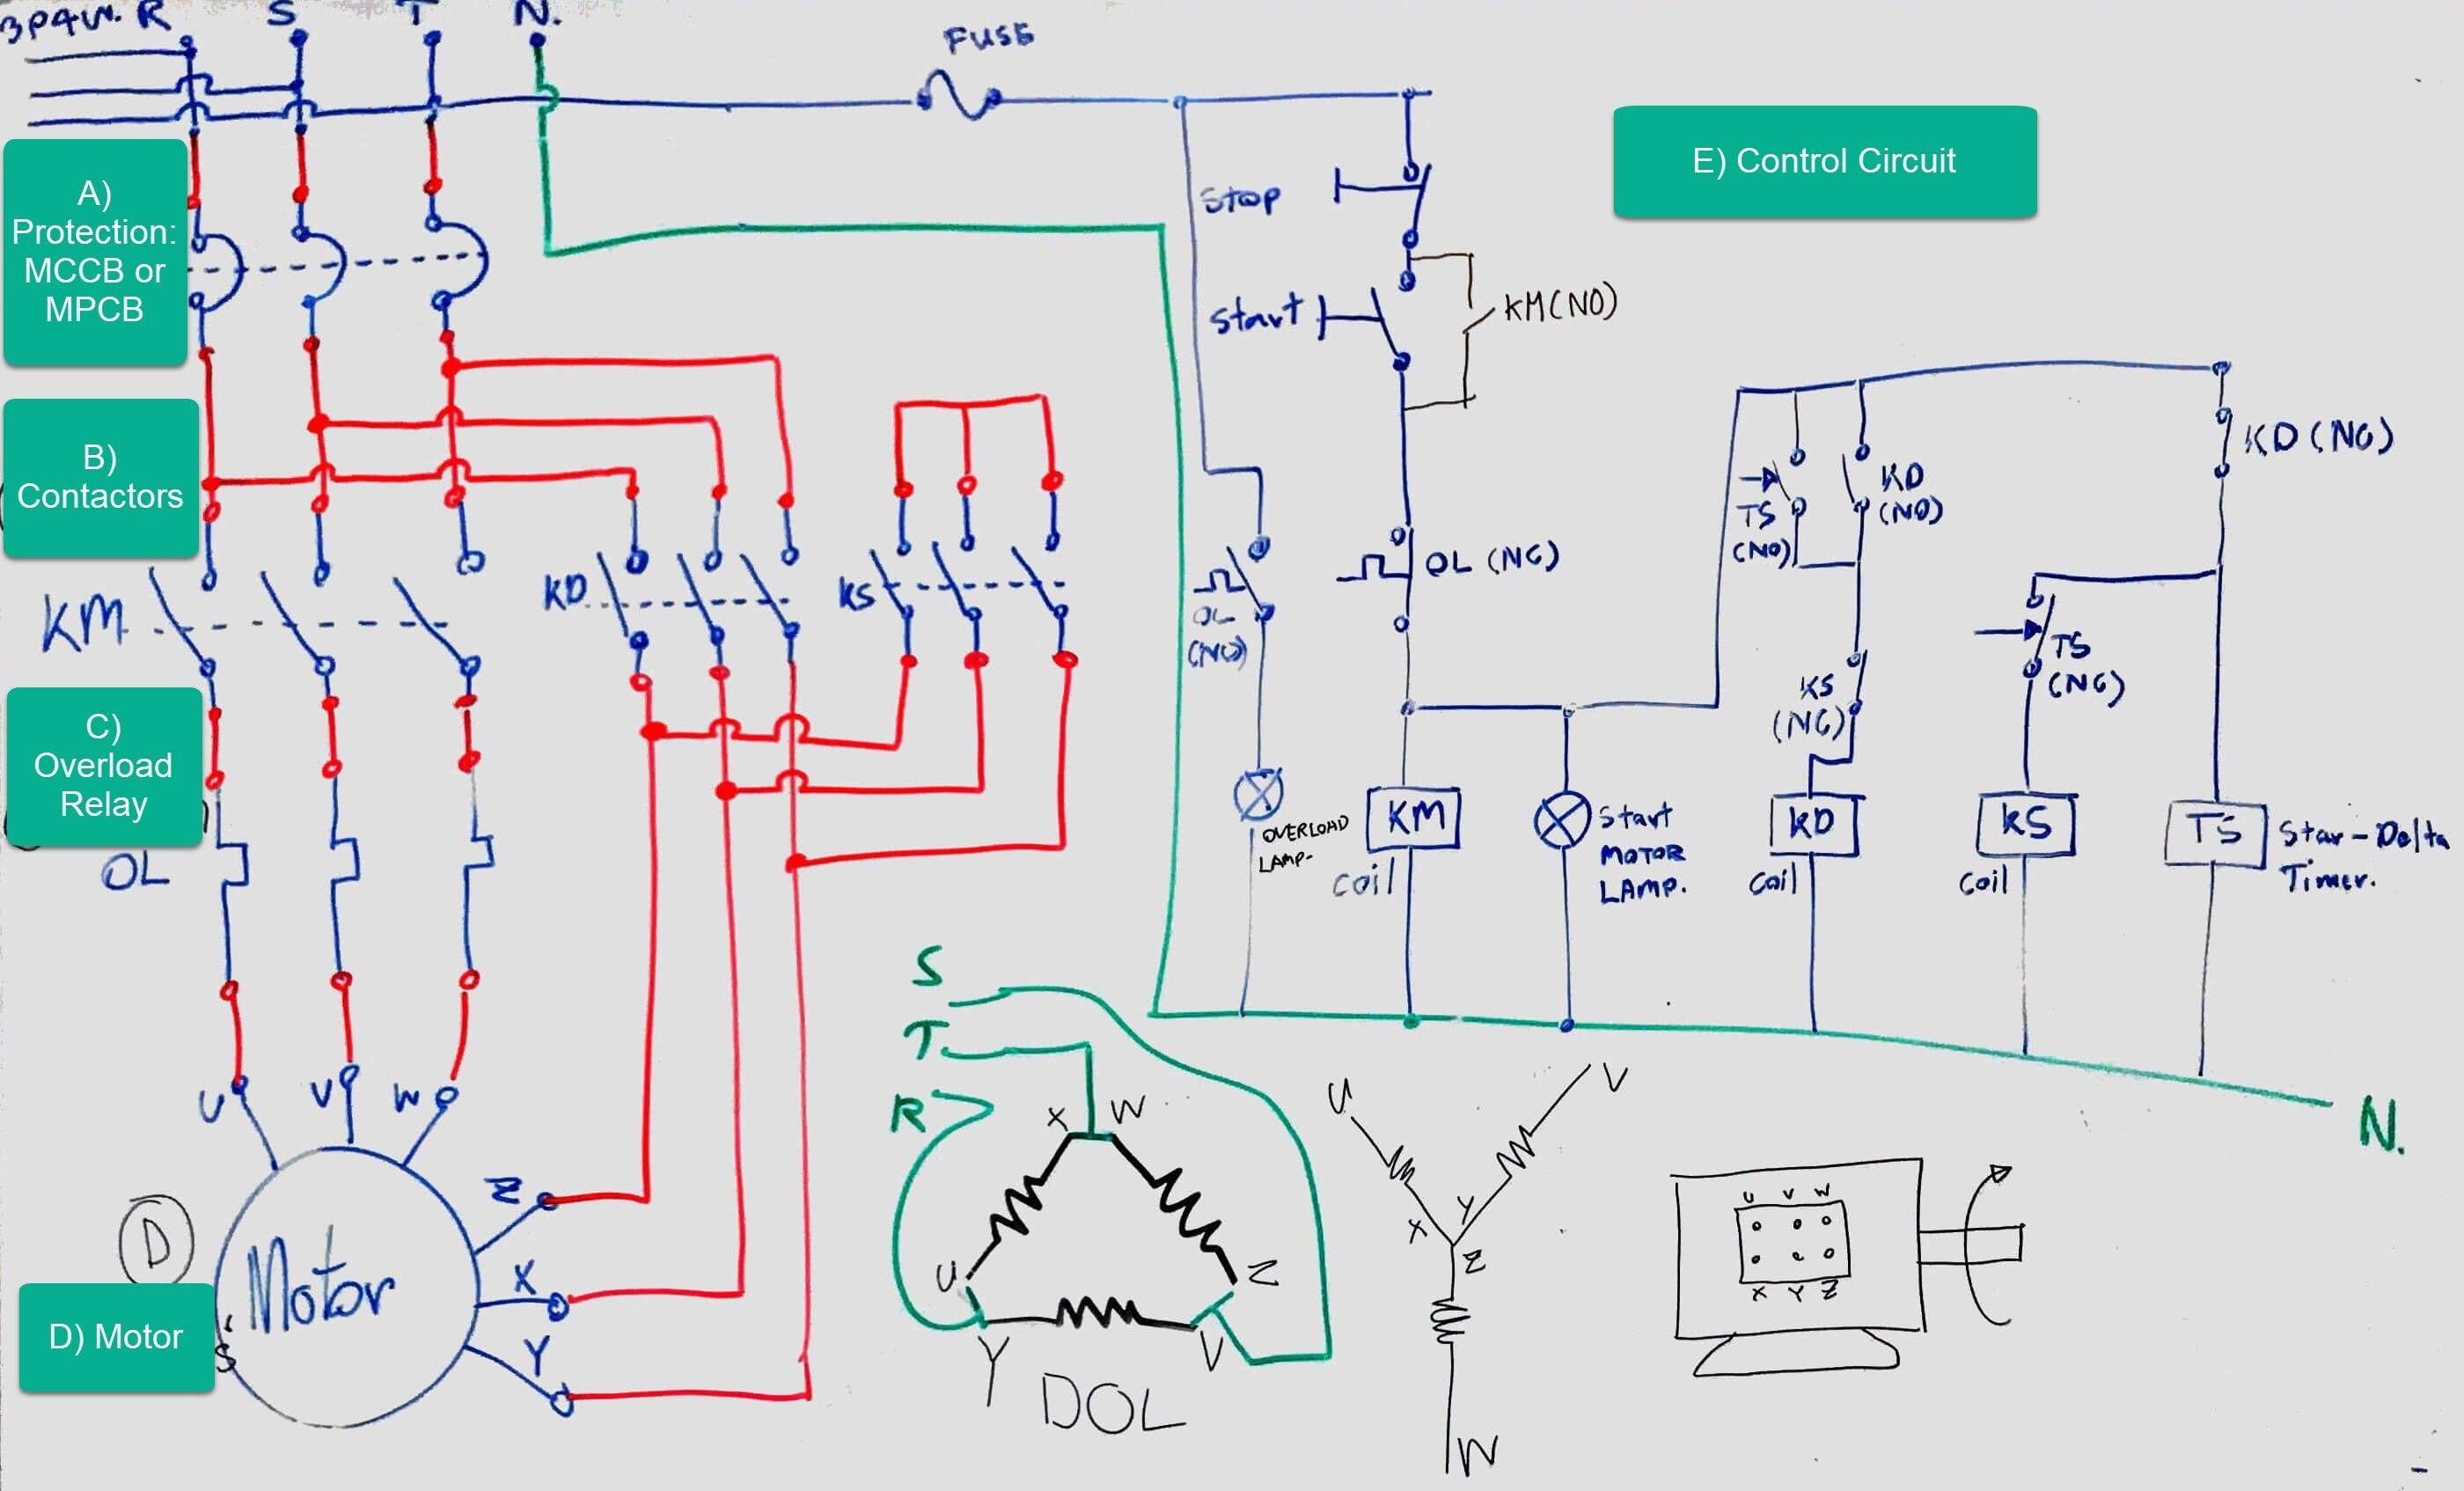 Unique Circuit Wiring Diagram Wiringdiagram Diagramming Diagramm Visuals Visualisation Grap Electrical Circuit Diagram Diagram Electrical Wiring Diagram